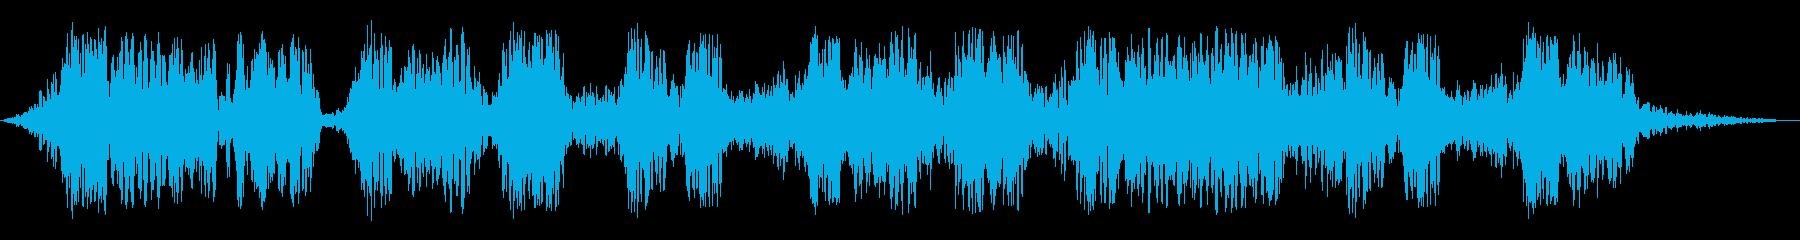 短騒音溝の再生済みの波形